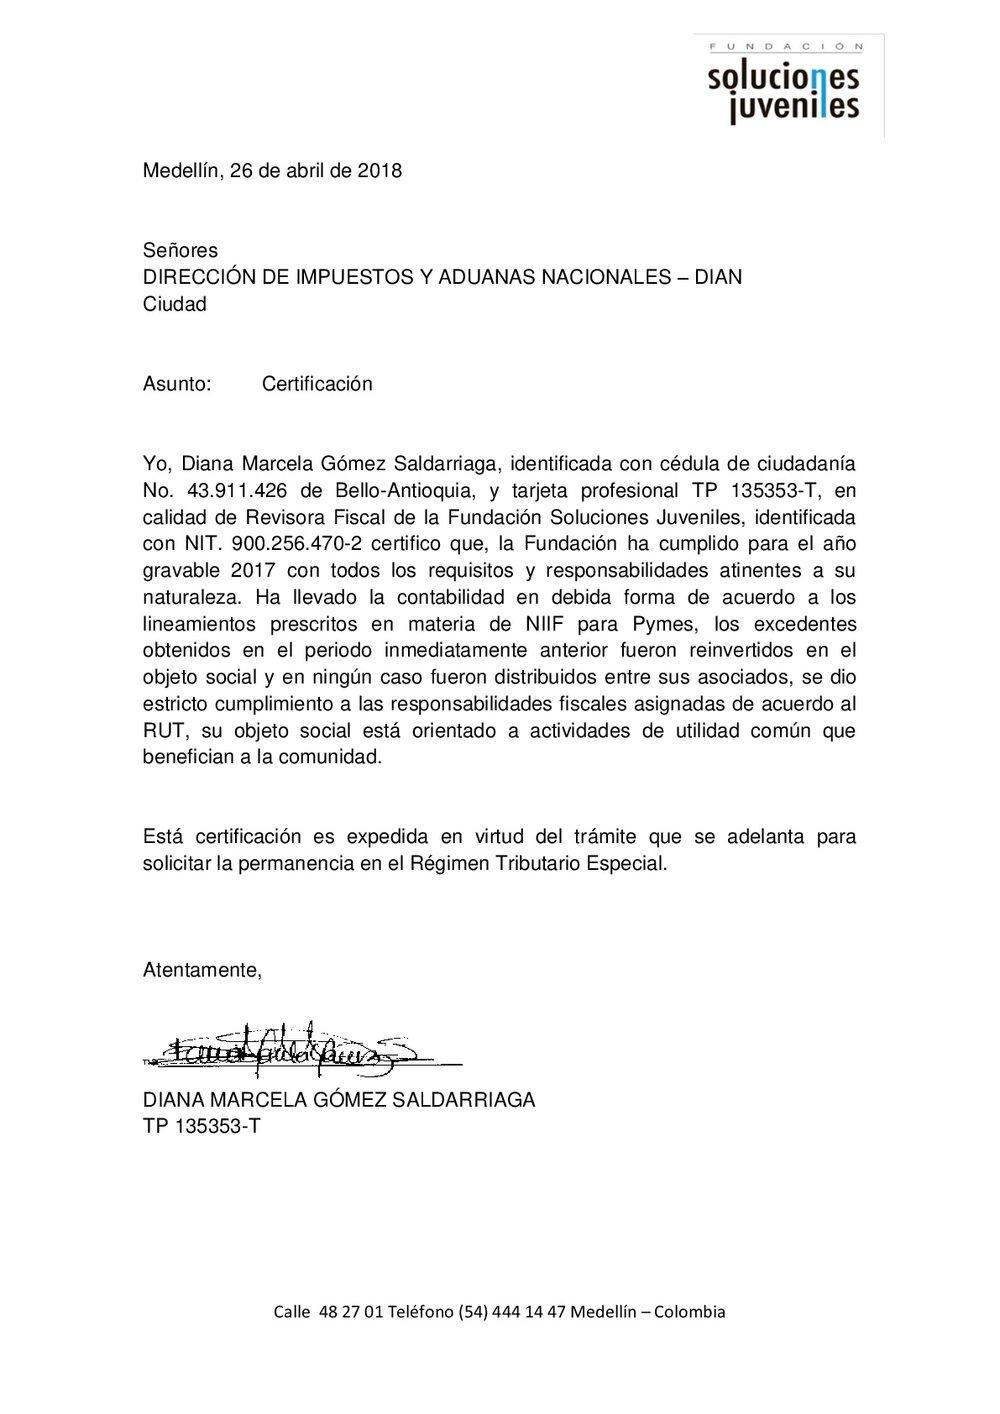 Certificación Cumplimiento Requisitos-001.jpg